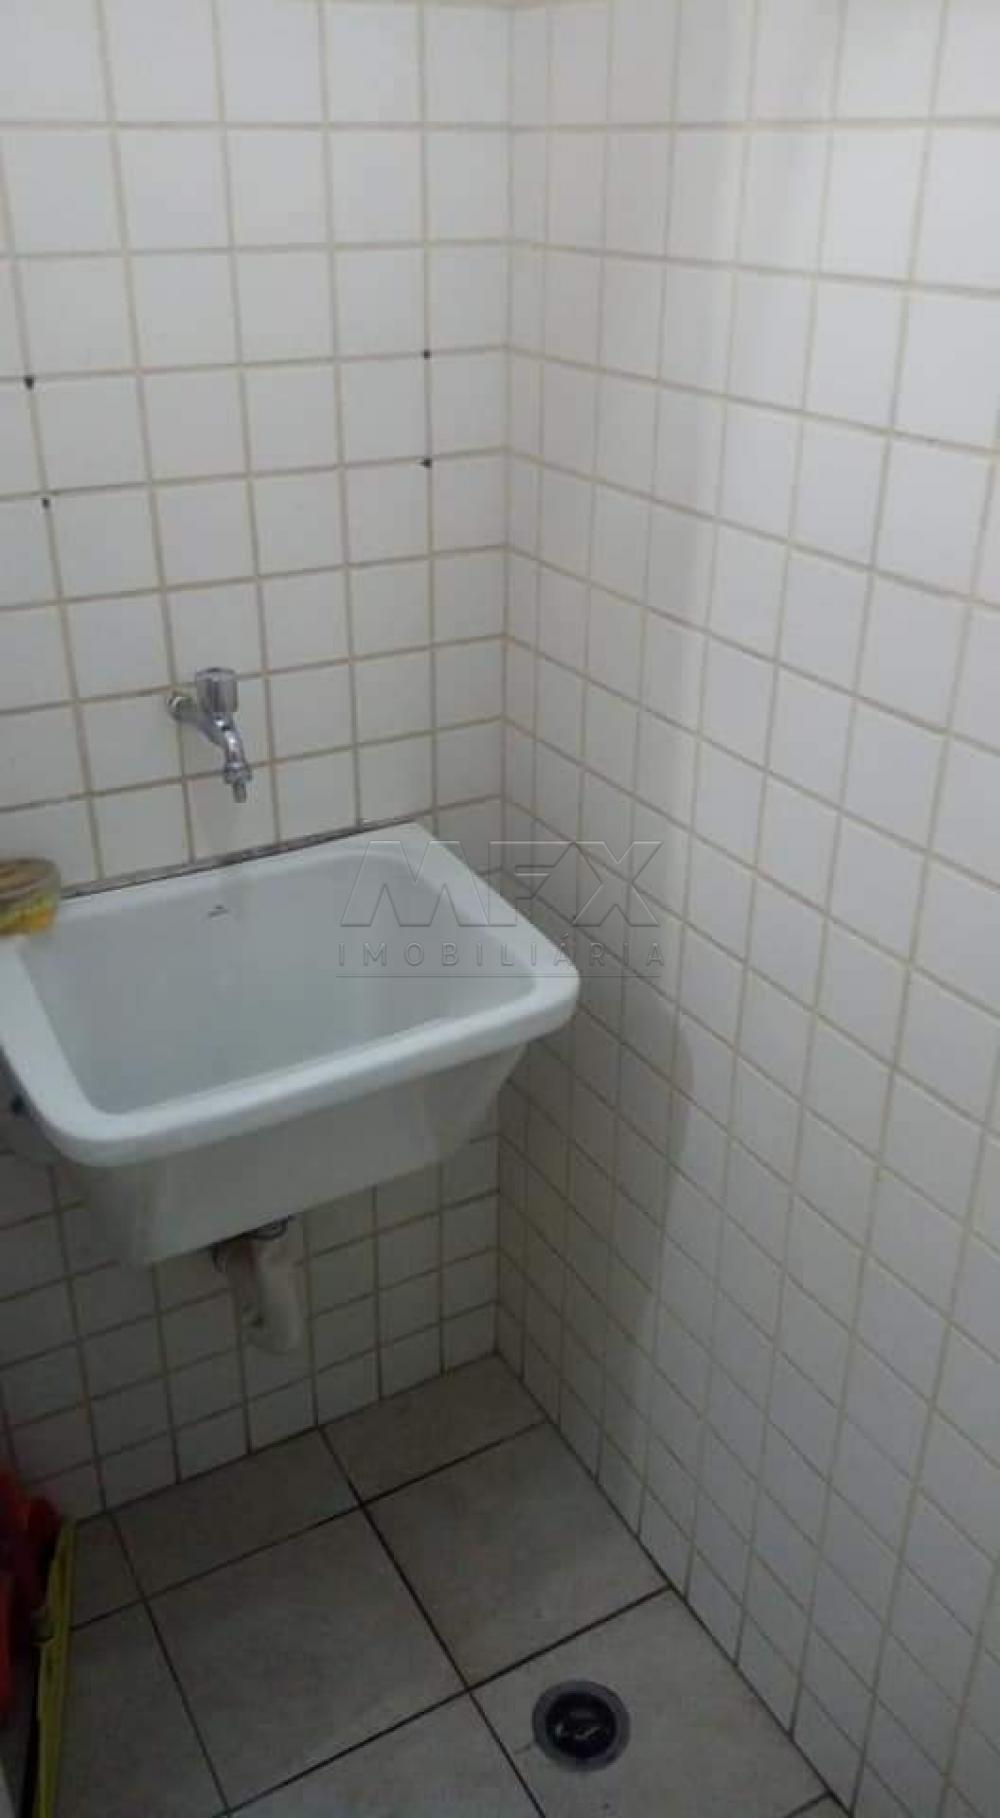 Comprar Apartamento / Padrão em Bauru R$ 155.000,00 - Foto 9